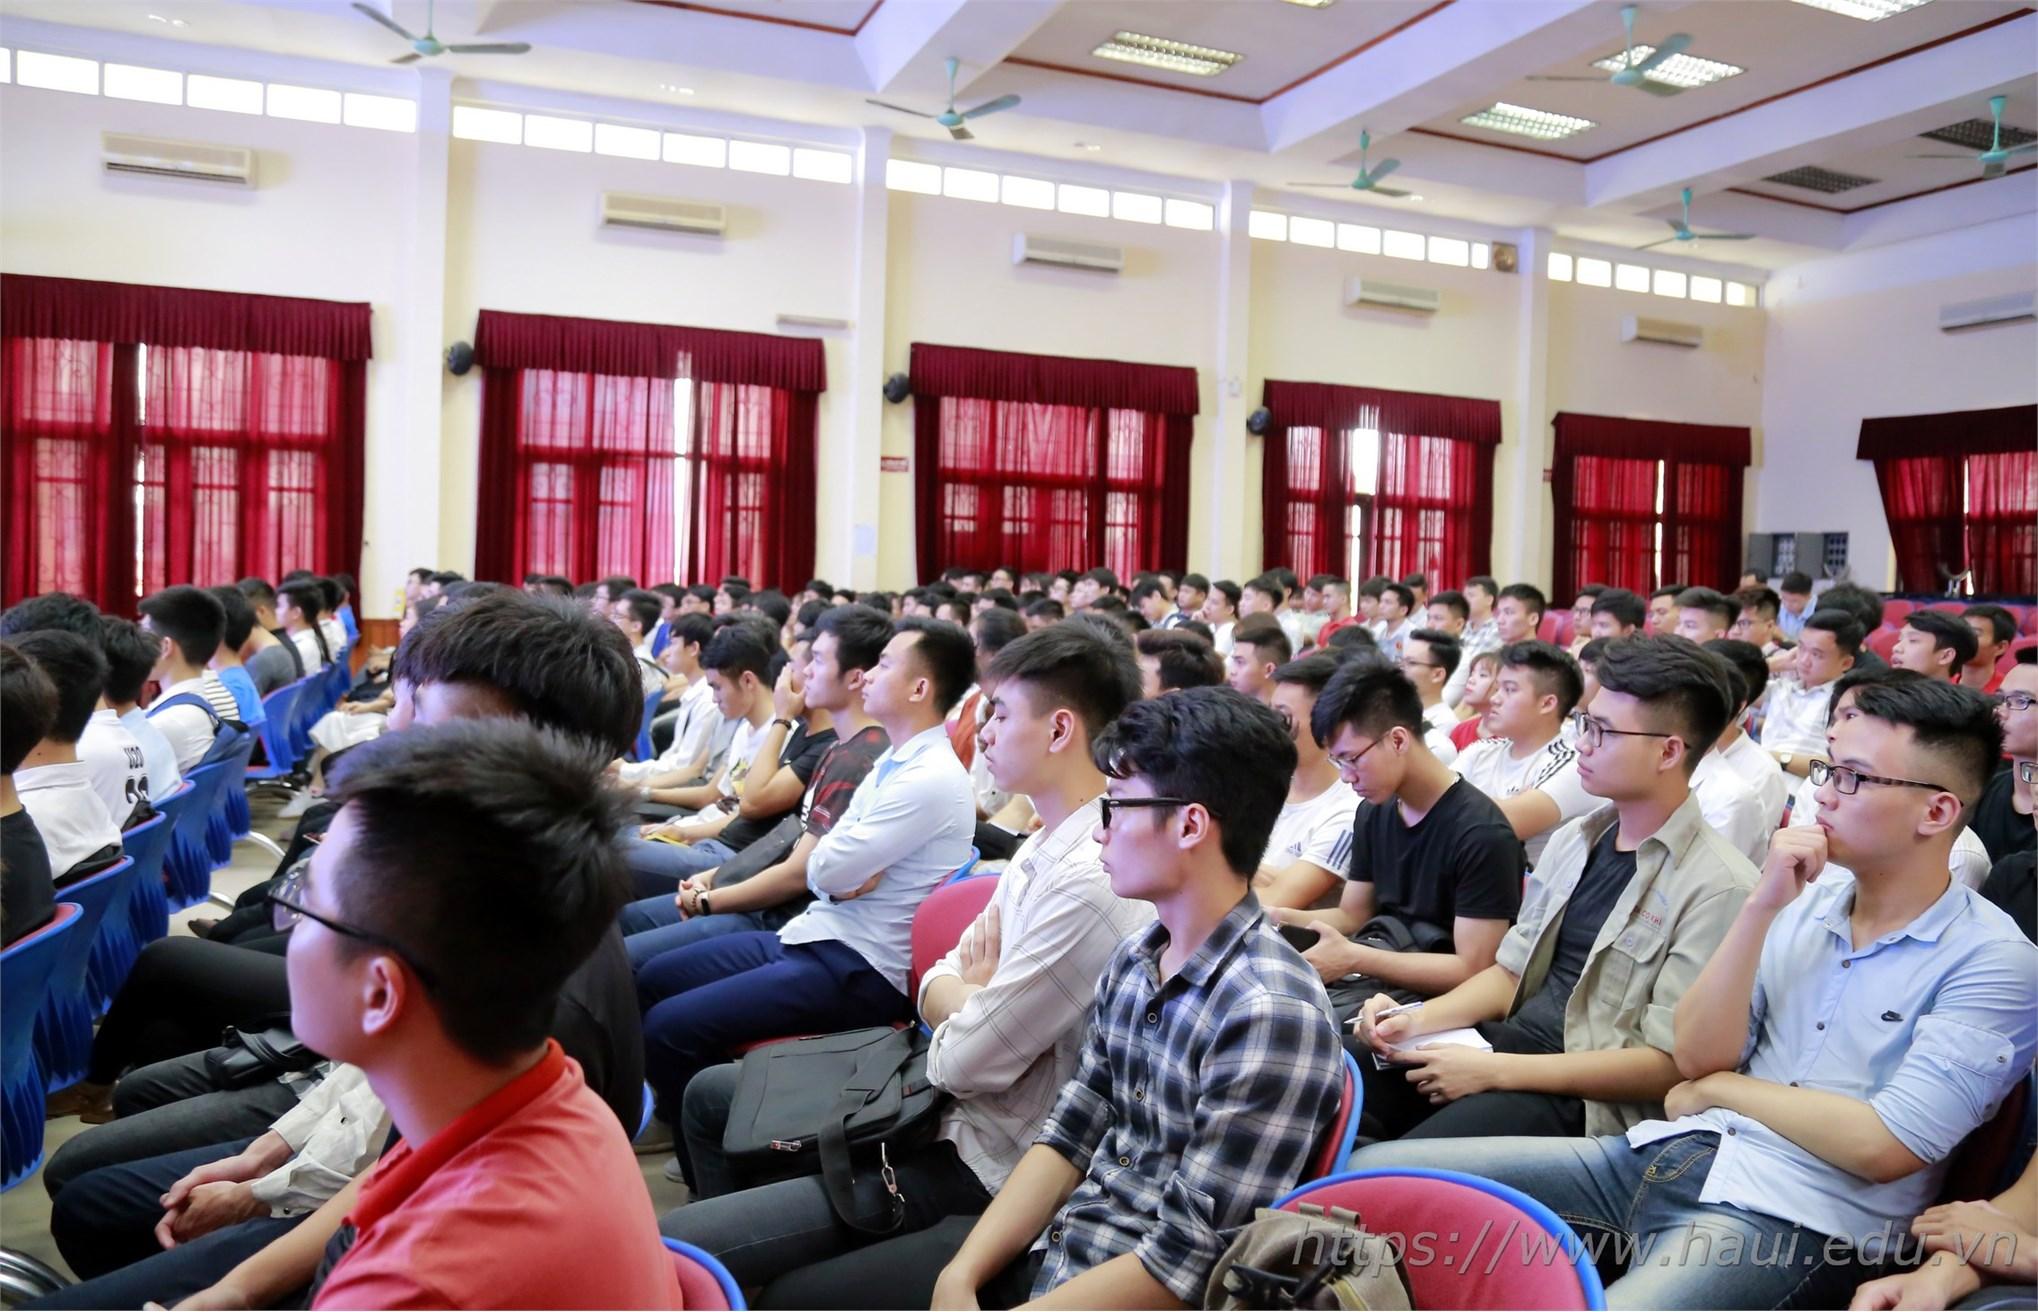 Chương trình đào tạo kỹ sư trình độ cao dành cho sinh viên